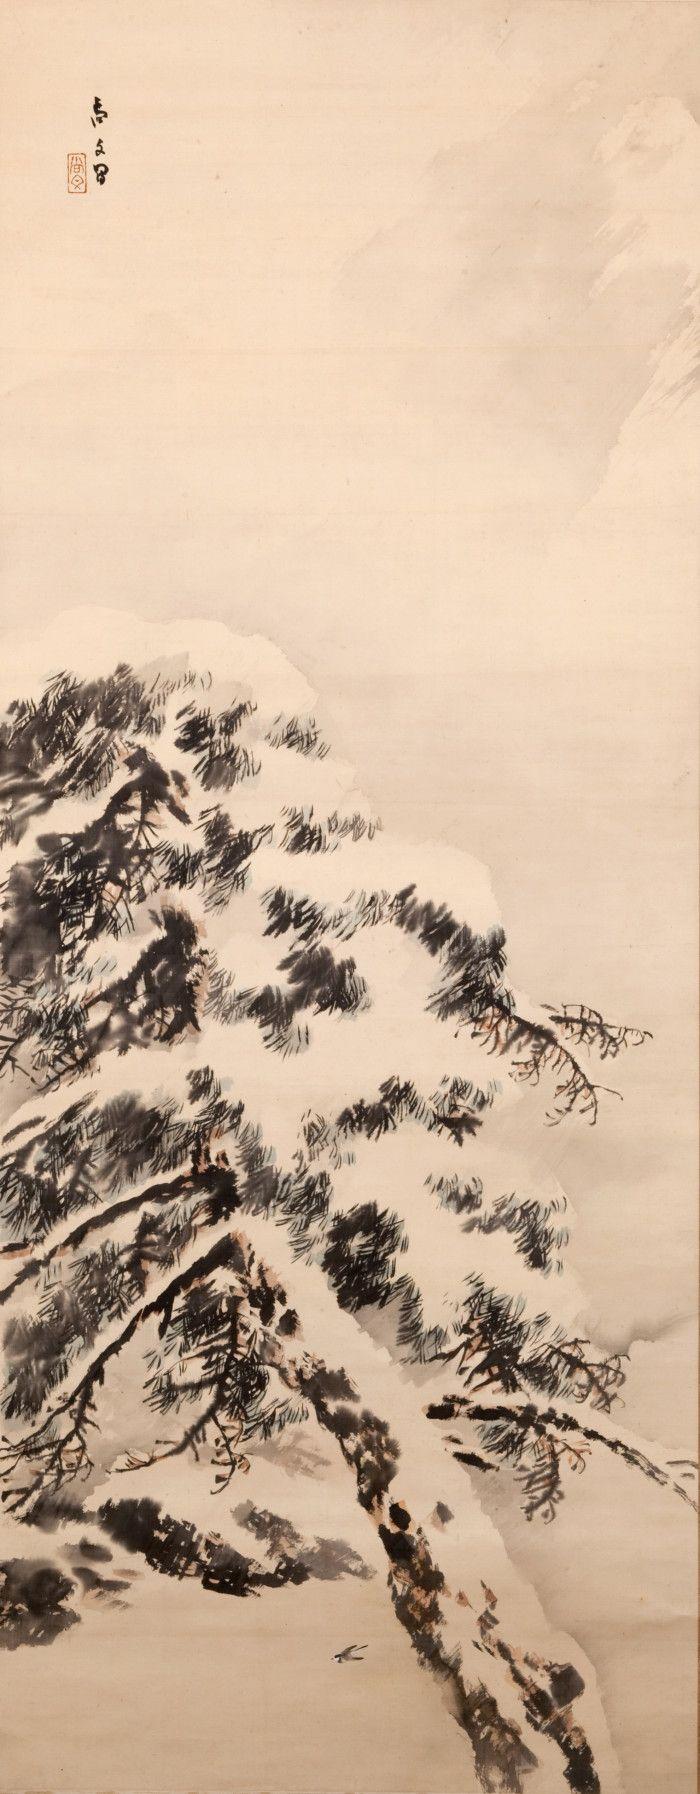 RP: Pine Tree in Snow by SASAKI Shobun (1890-1970), Japan 佐々木尚文